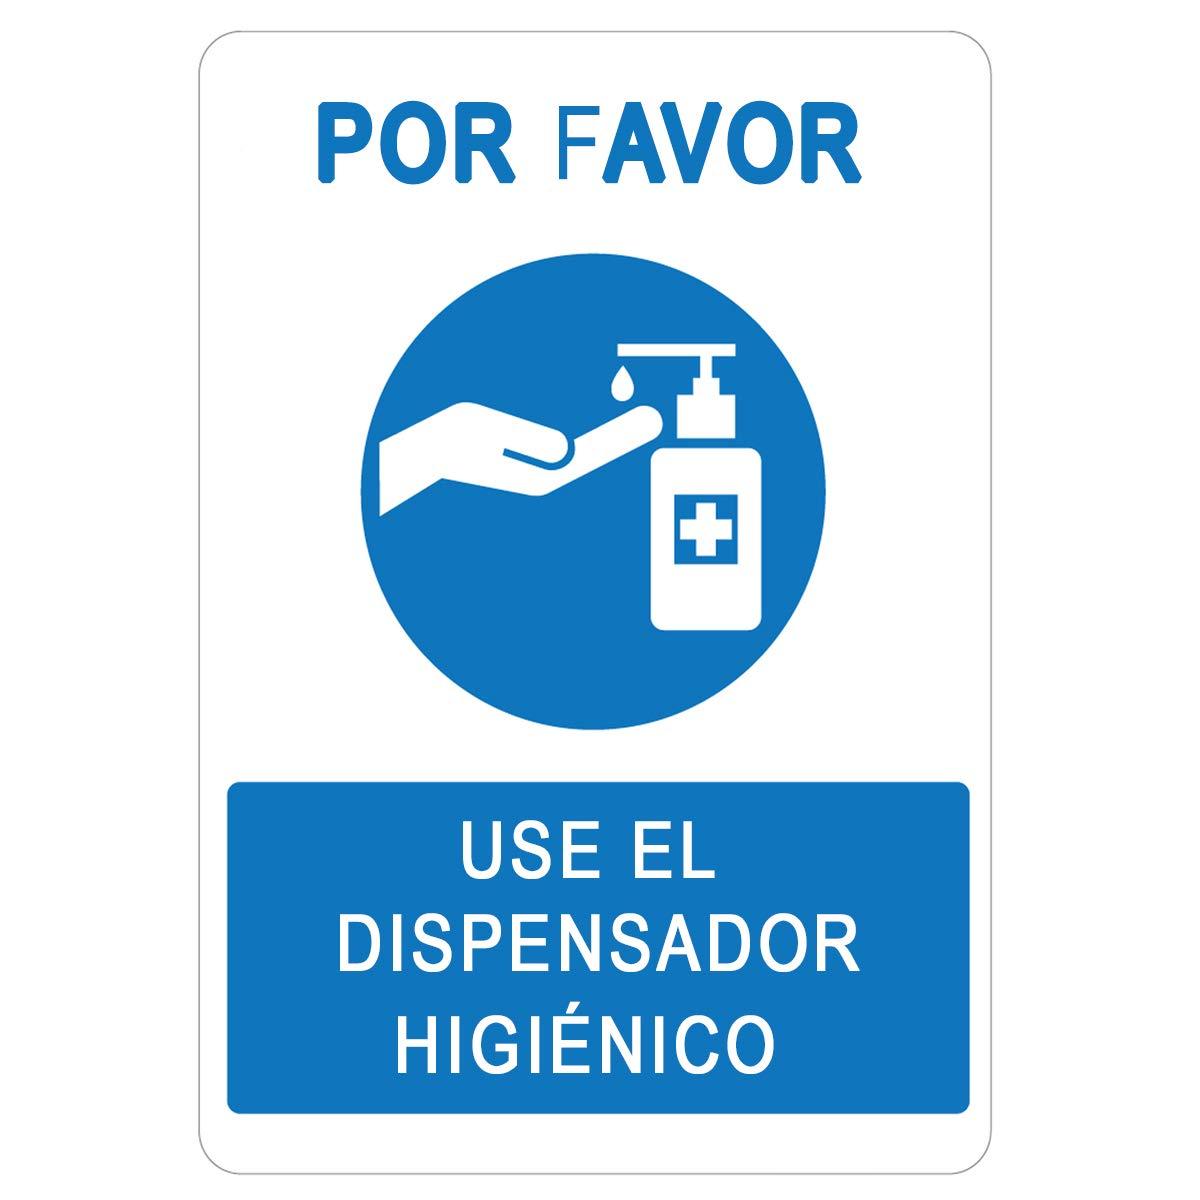 Señalización COVID-19   Cartel Dosificador Higiénico para empresas, comercios, oficinas   Señal Coronavirus   Autoinstalable  21 x 30 cm   Descuentos por Cantidad